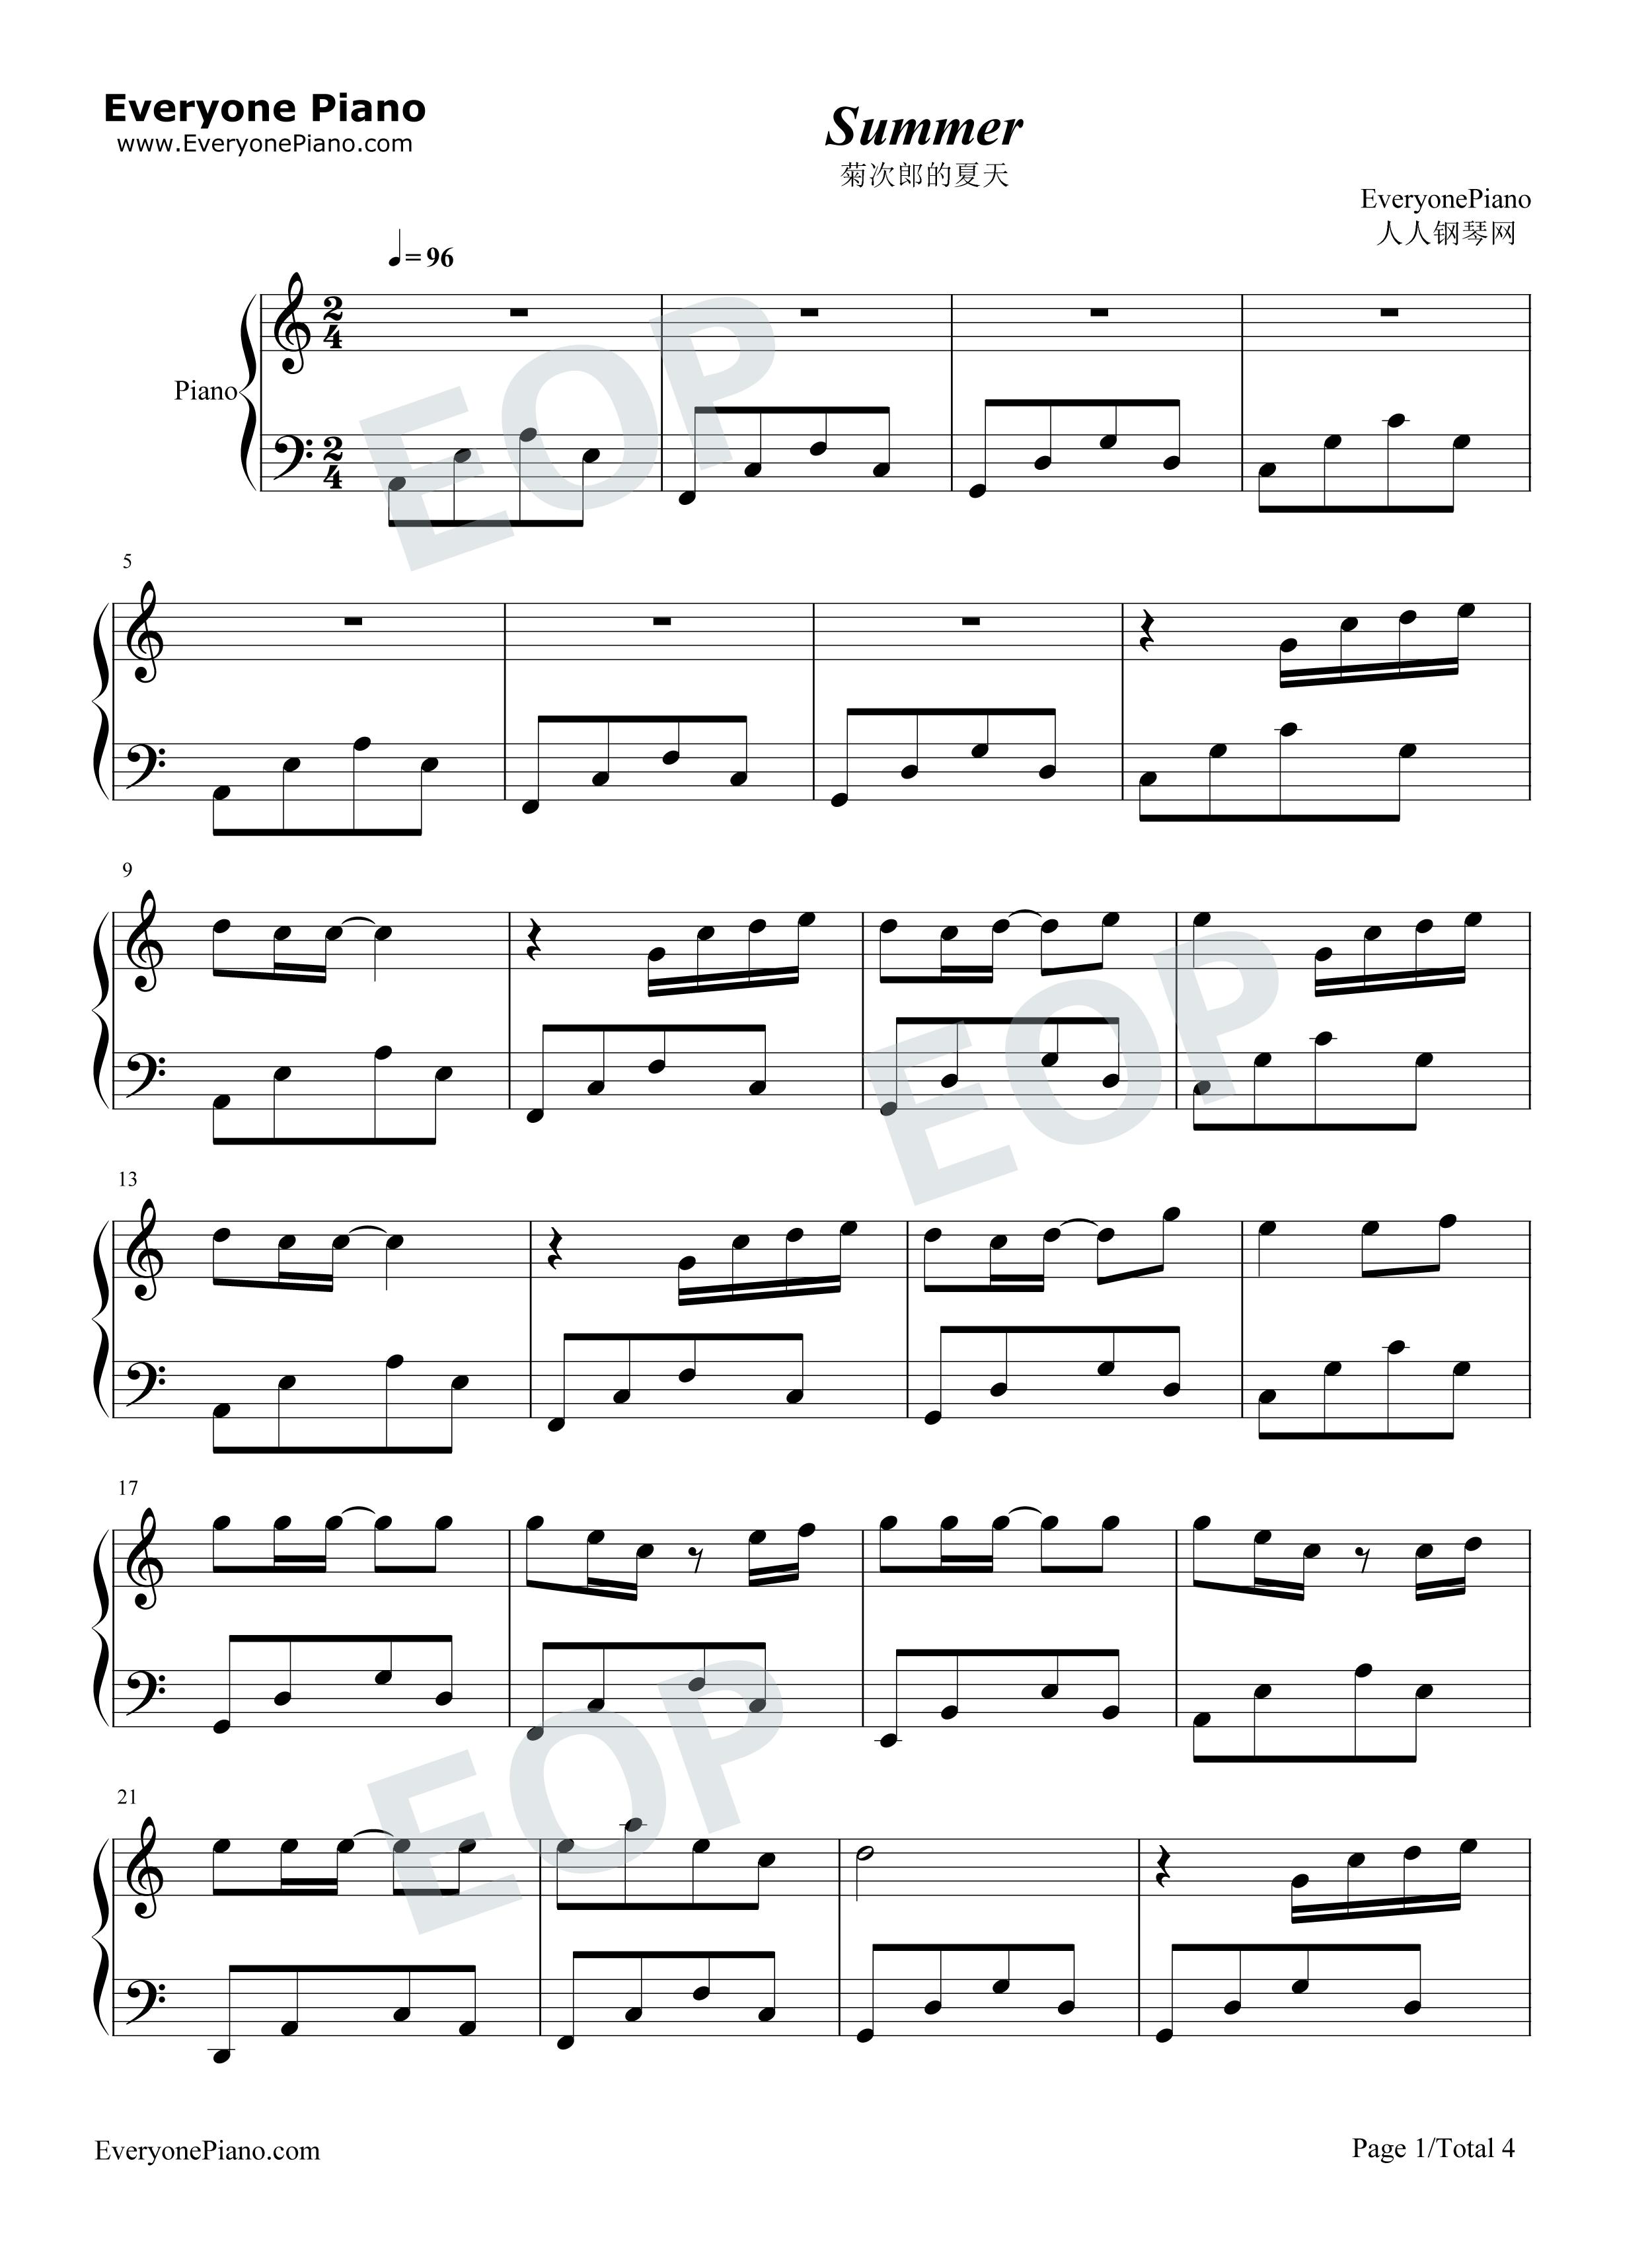 钢琴曲谱 影视 菊次郎的夏天-summer-c调简单版 菊次郎的夏天-summer